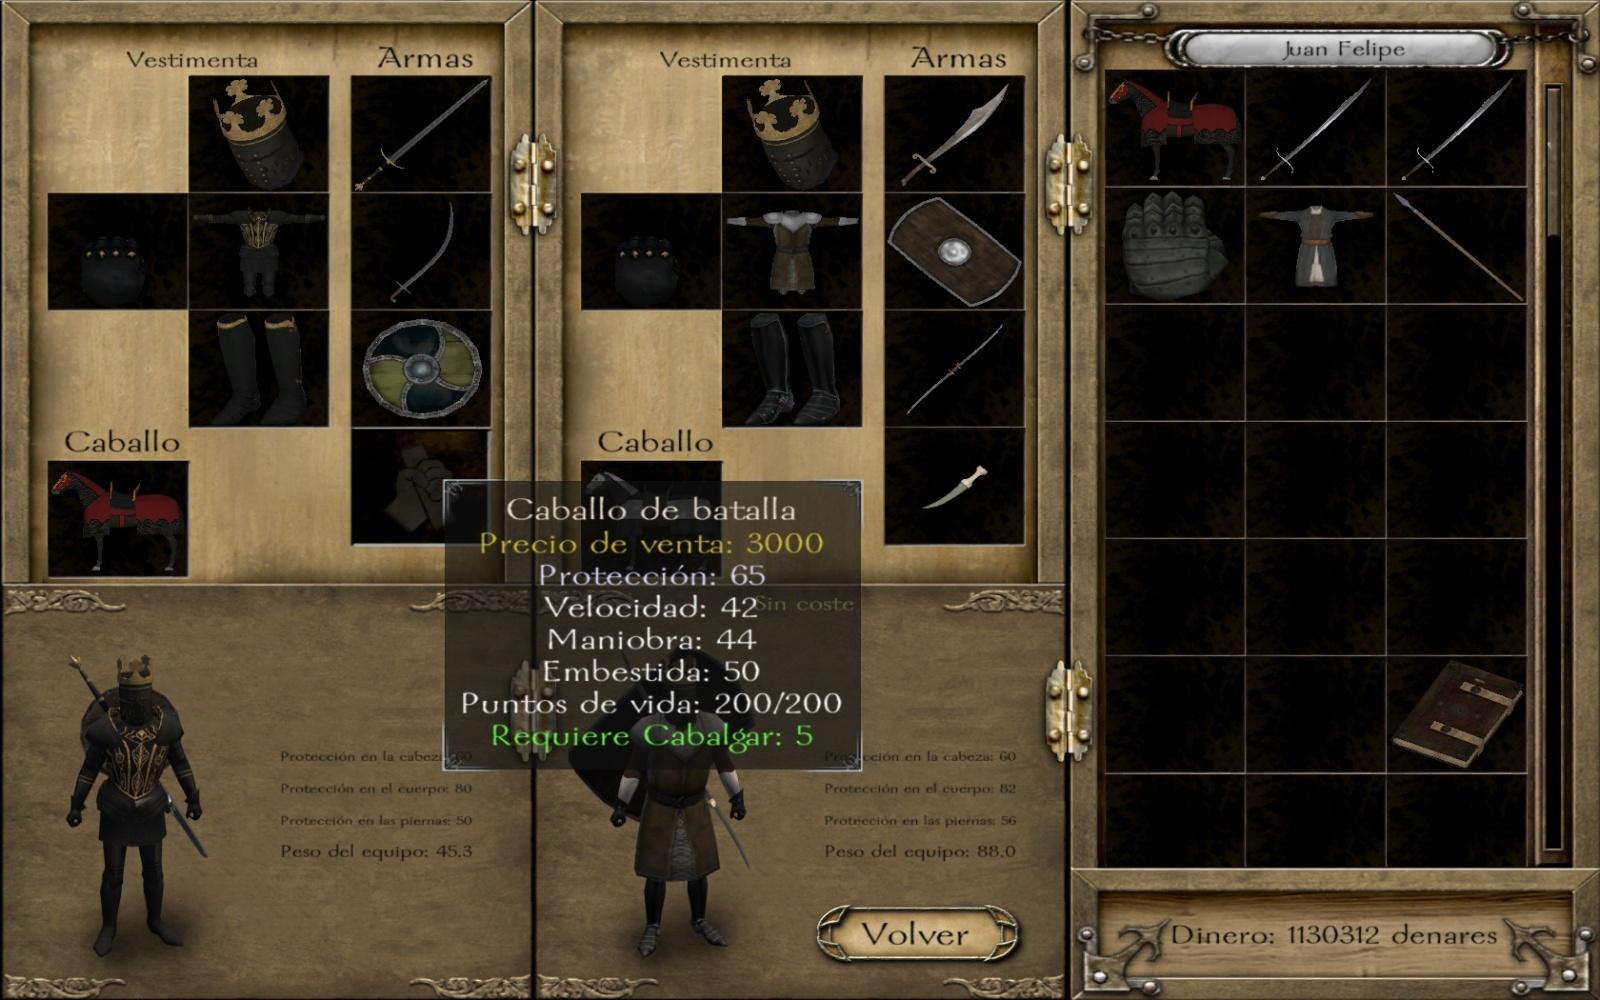 [CoEx] Guia general sobre los secretos y las misiones del mod (en construcción) Smumtw